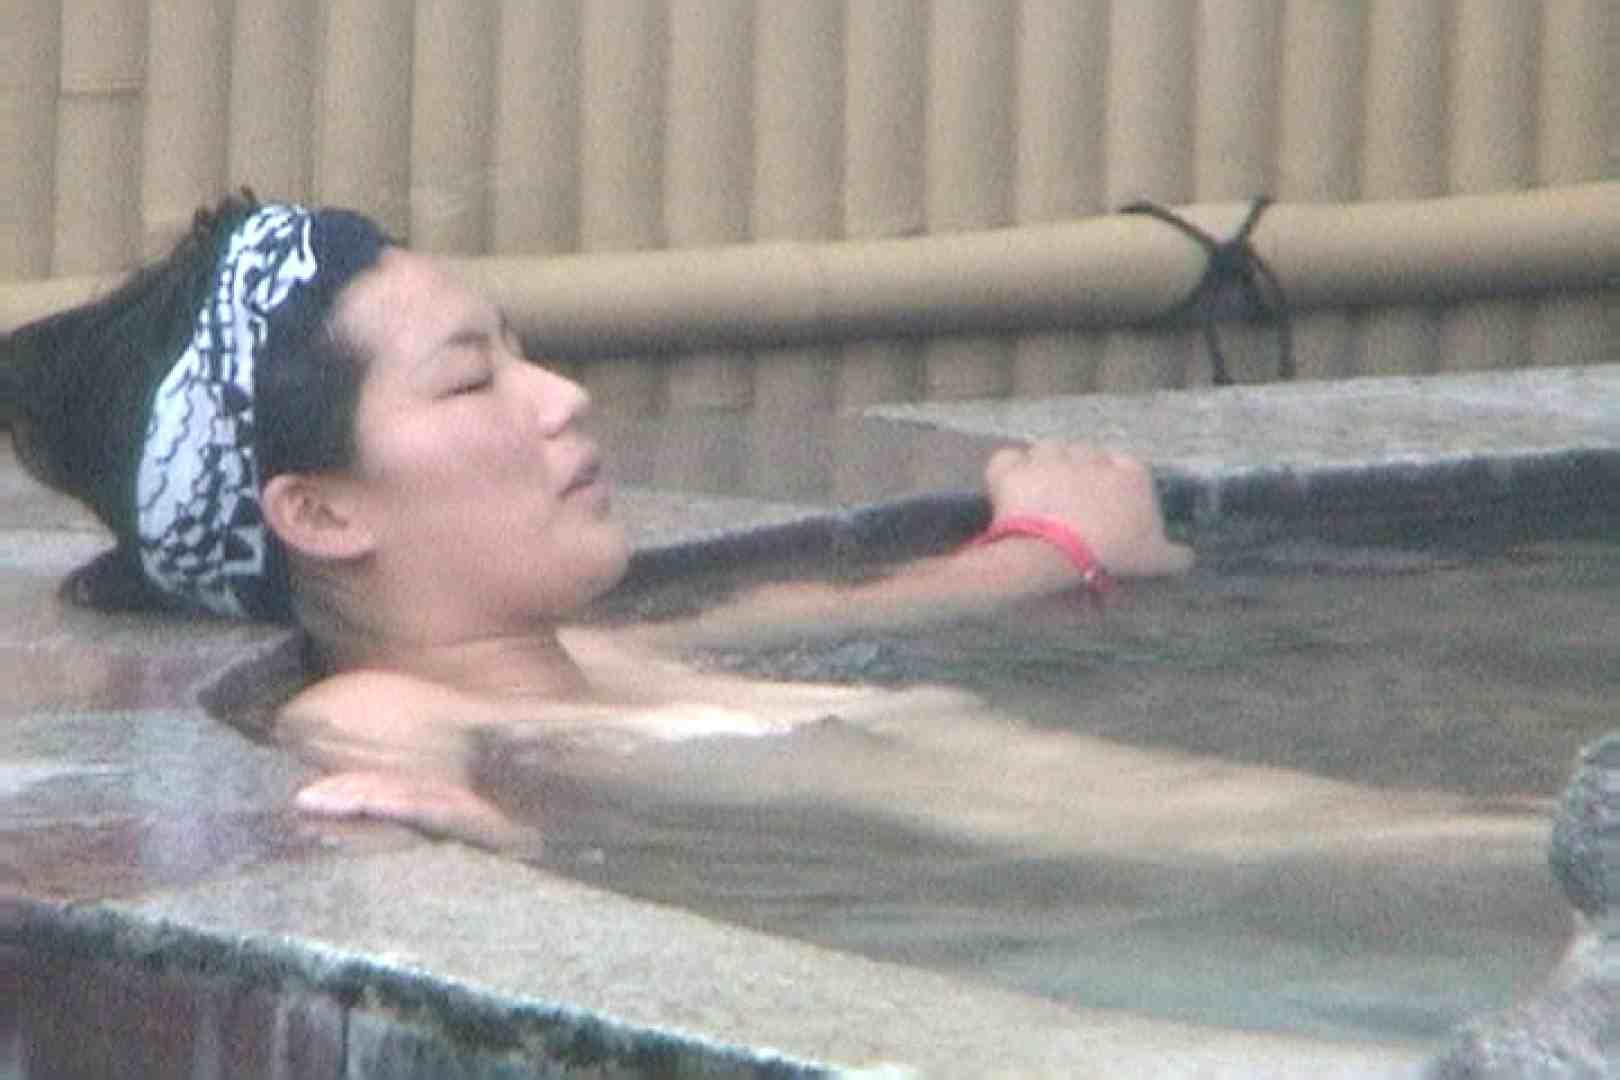 Aquaな露天風呂Vol.103 美しいOLの裸体  85pic 3